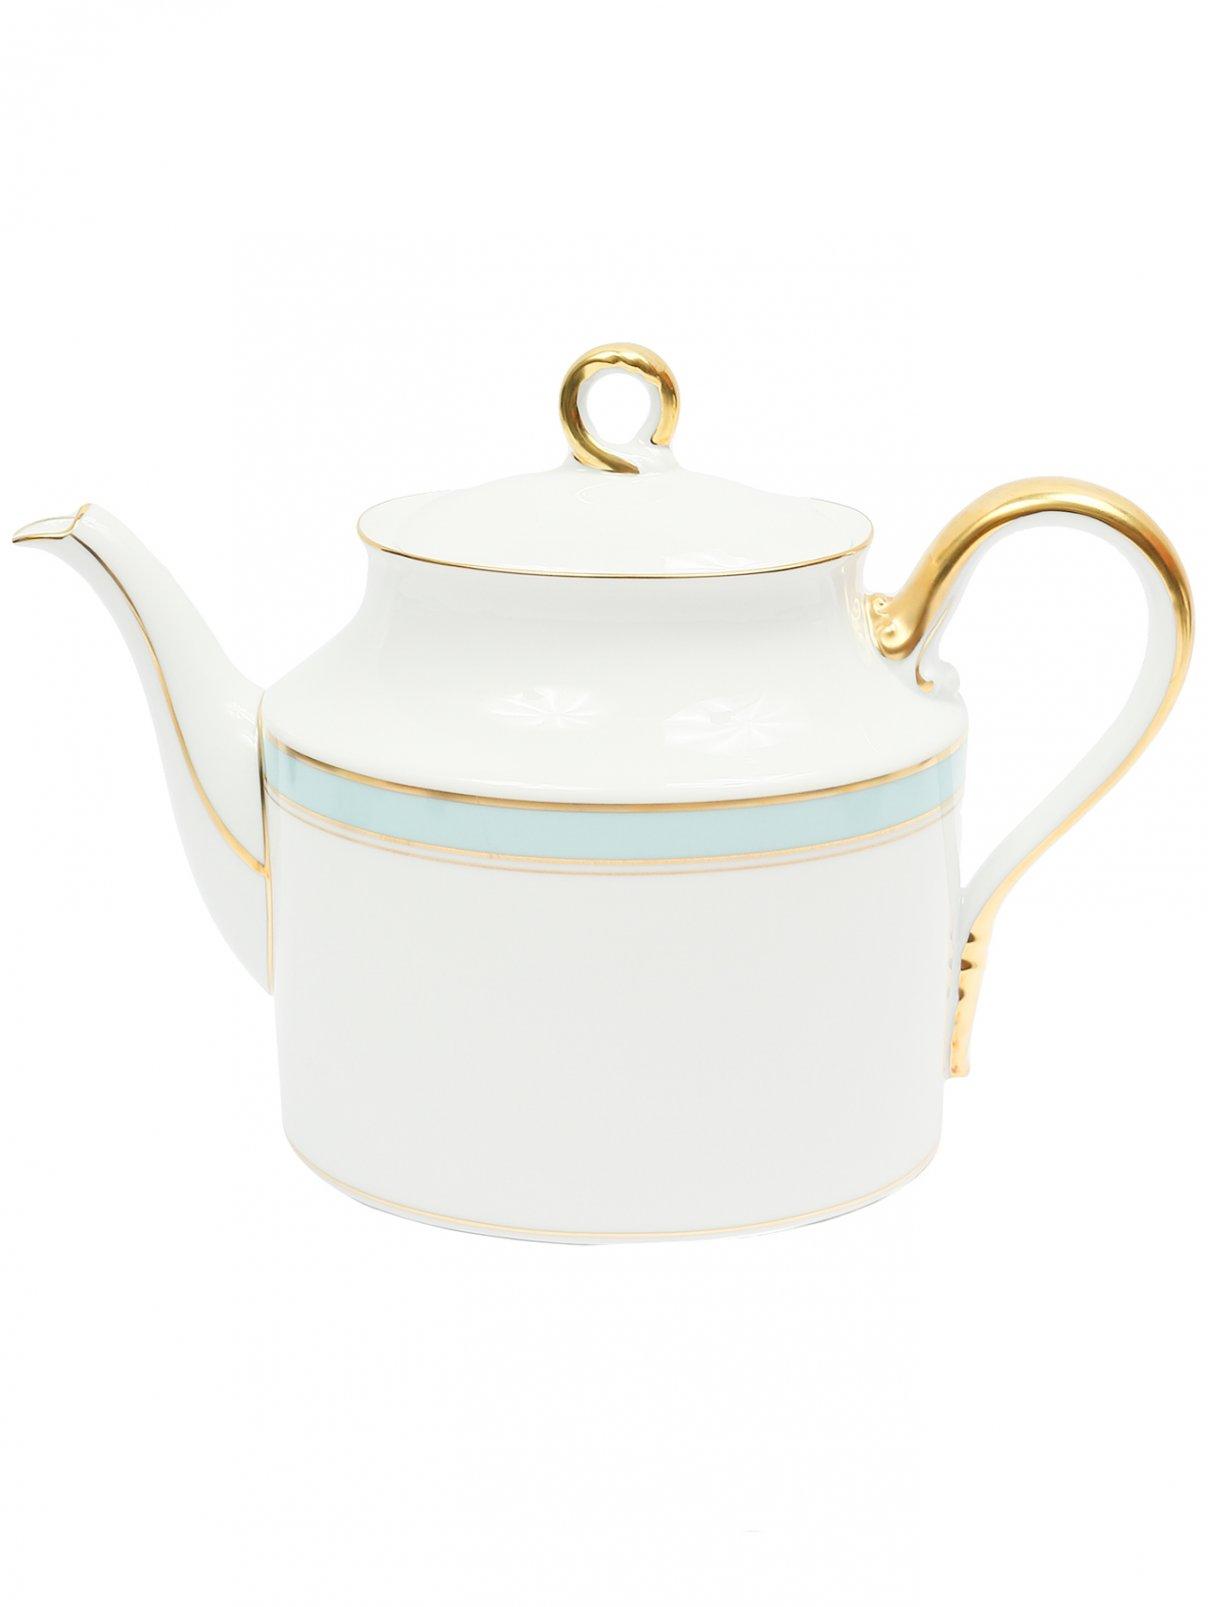 Чайник из фарфора с широкой бирюзовой окантовкой и золотой каймой Richard Ginori 1735  –  Общий вид